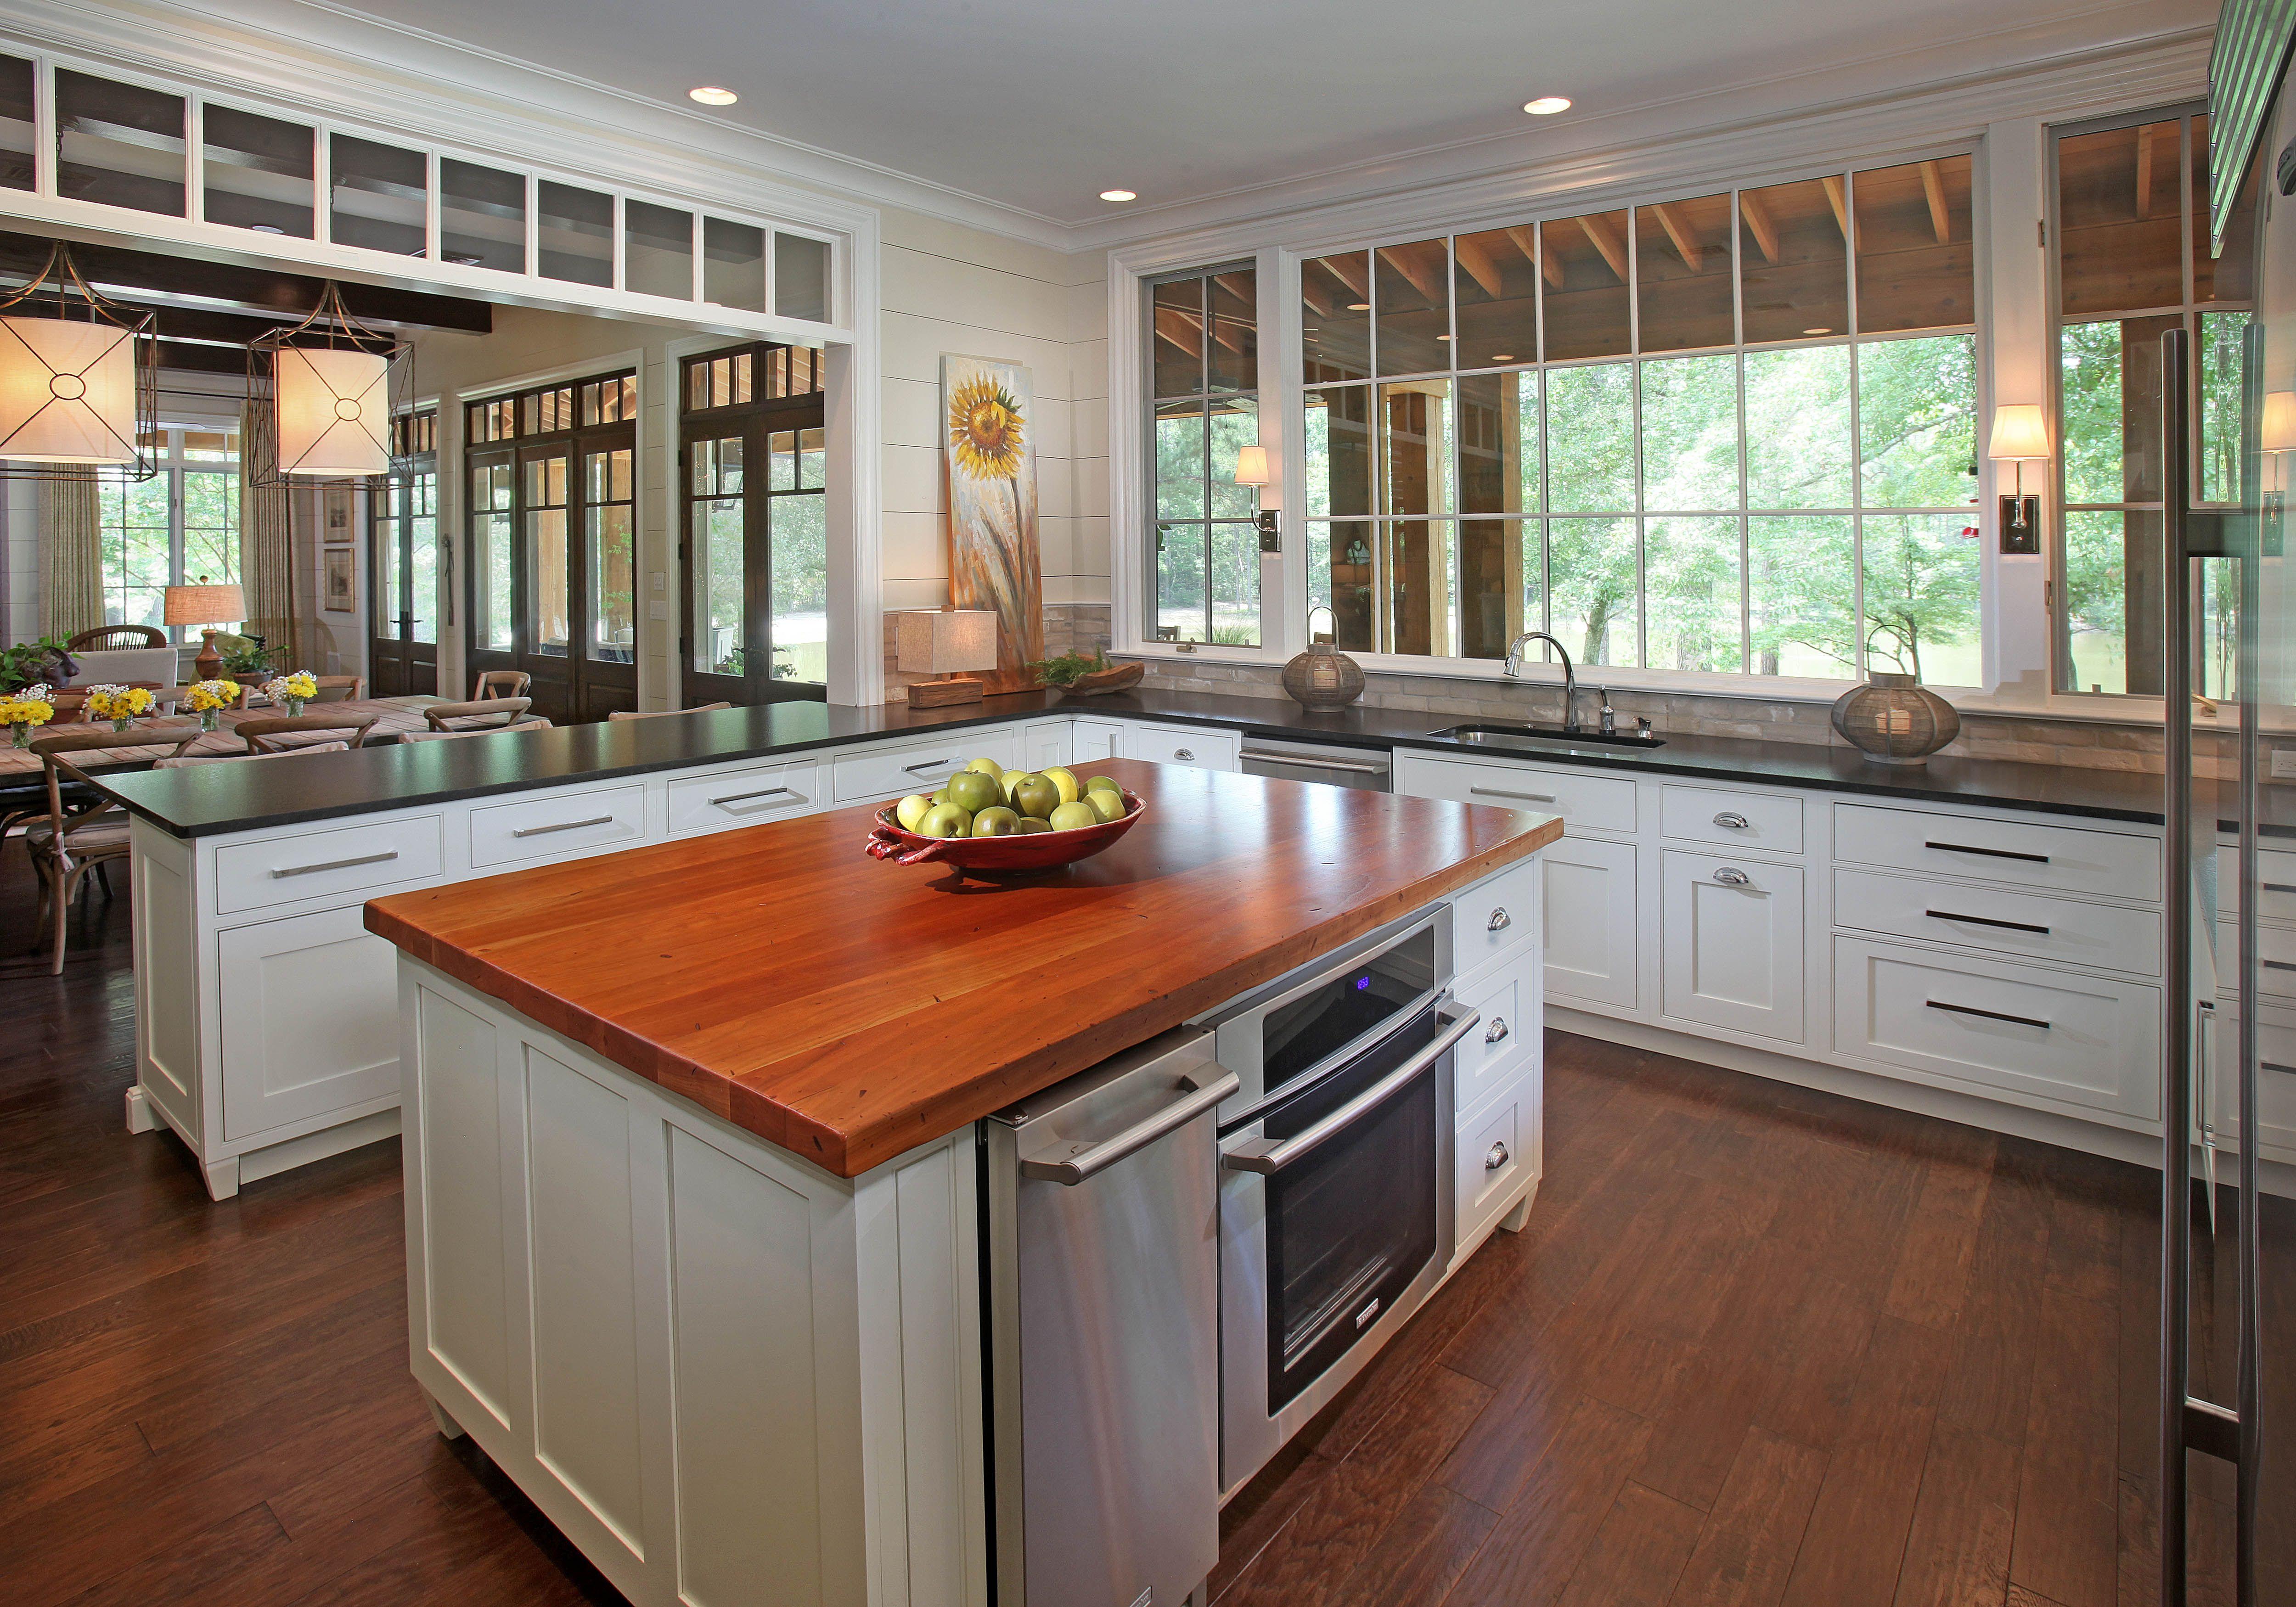 Küche Insel Design Ideen Trends Für | Küche | Pinterest | Insel ...